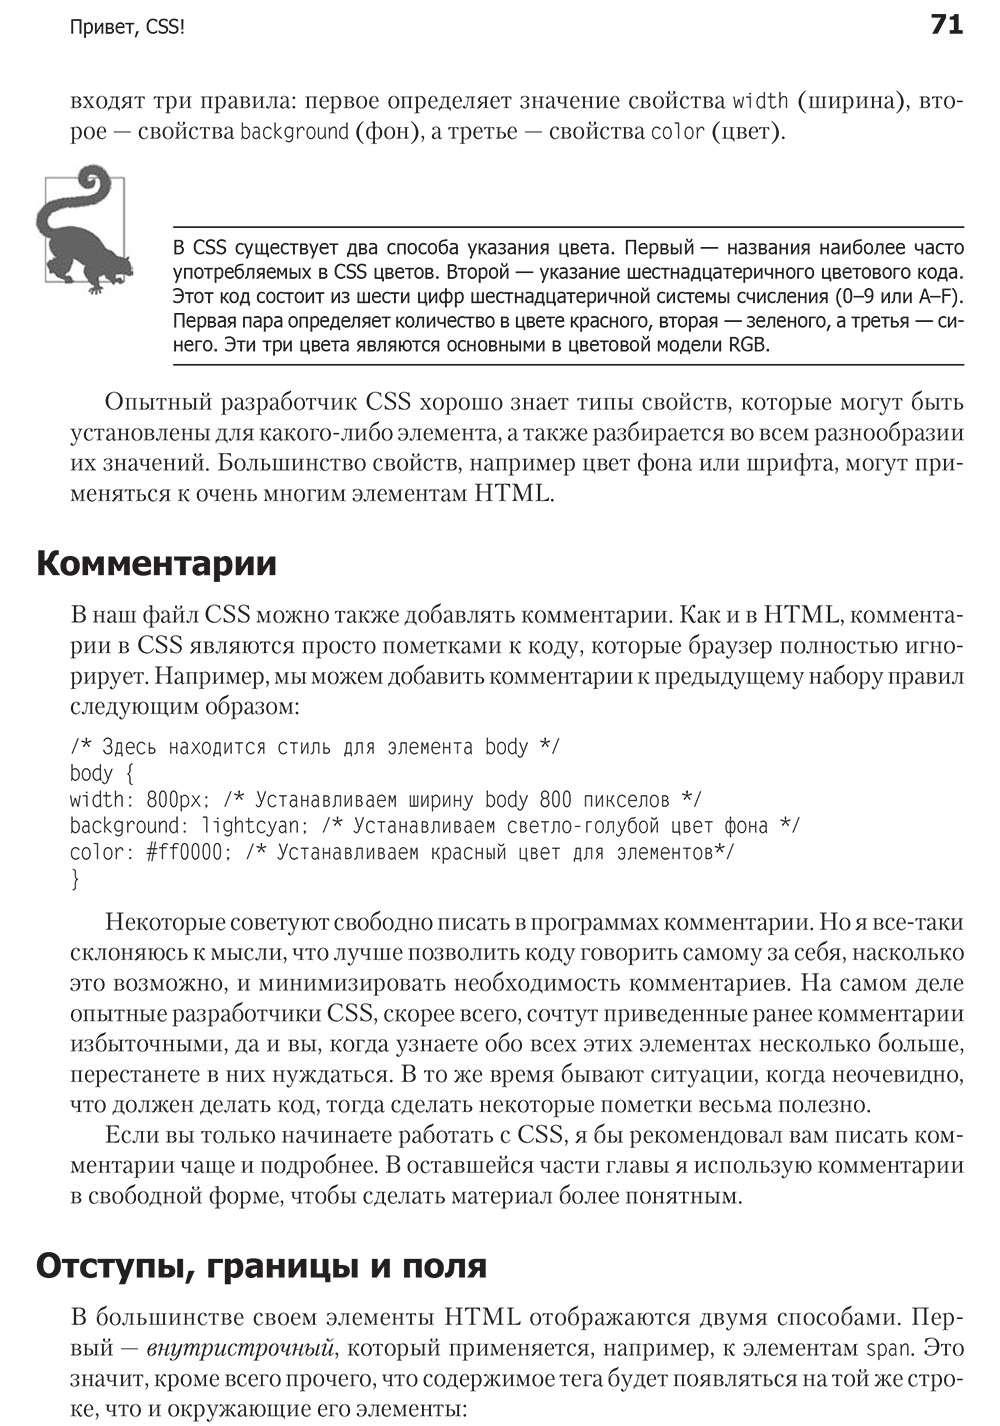 ����� �������� | ������ ���������� ���-���������� | PDF